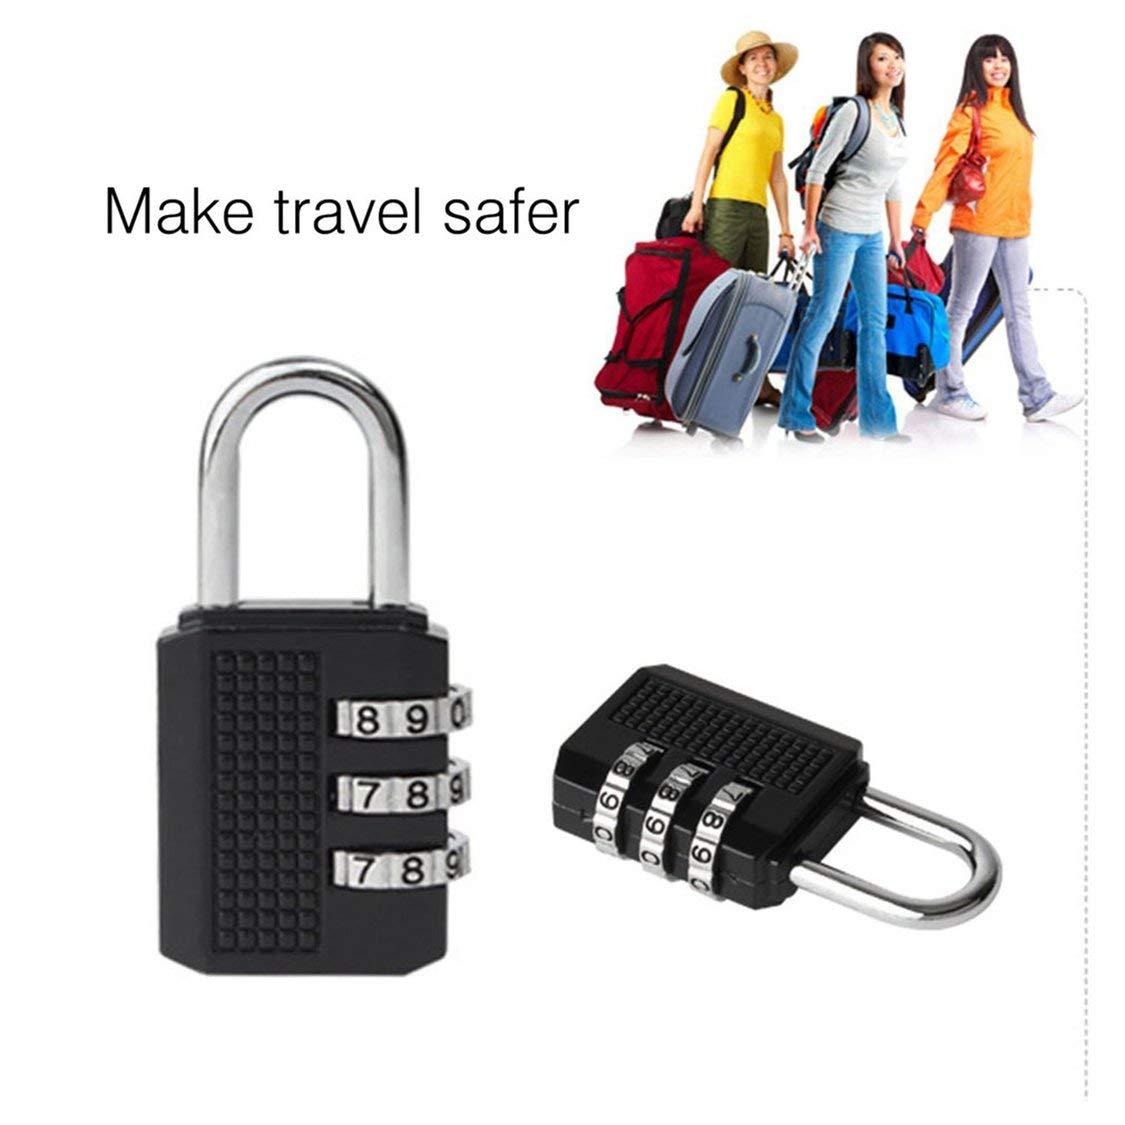 Mini Antifurto Blocco in lega di zinco Sicurezza 3 Combinazione multifunzione Codice blocco viaggio valigia bagagli armadio Lucchetto